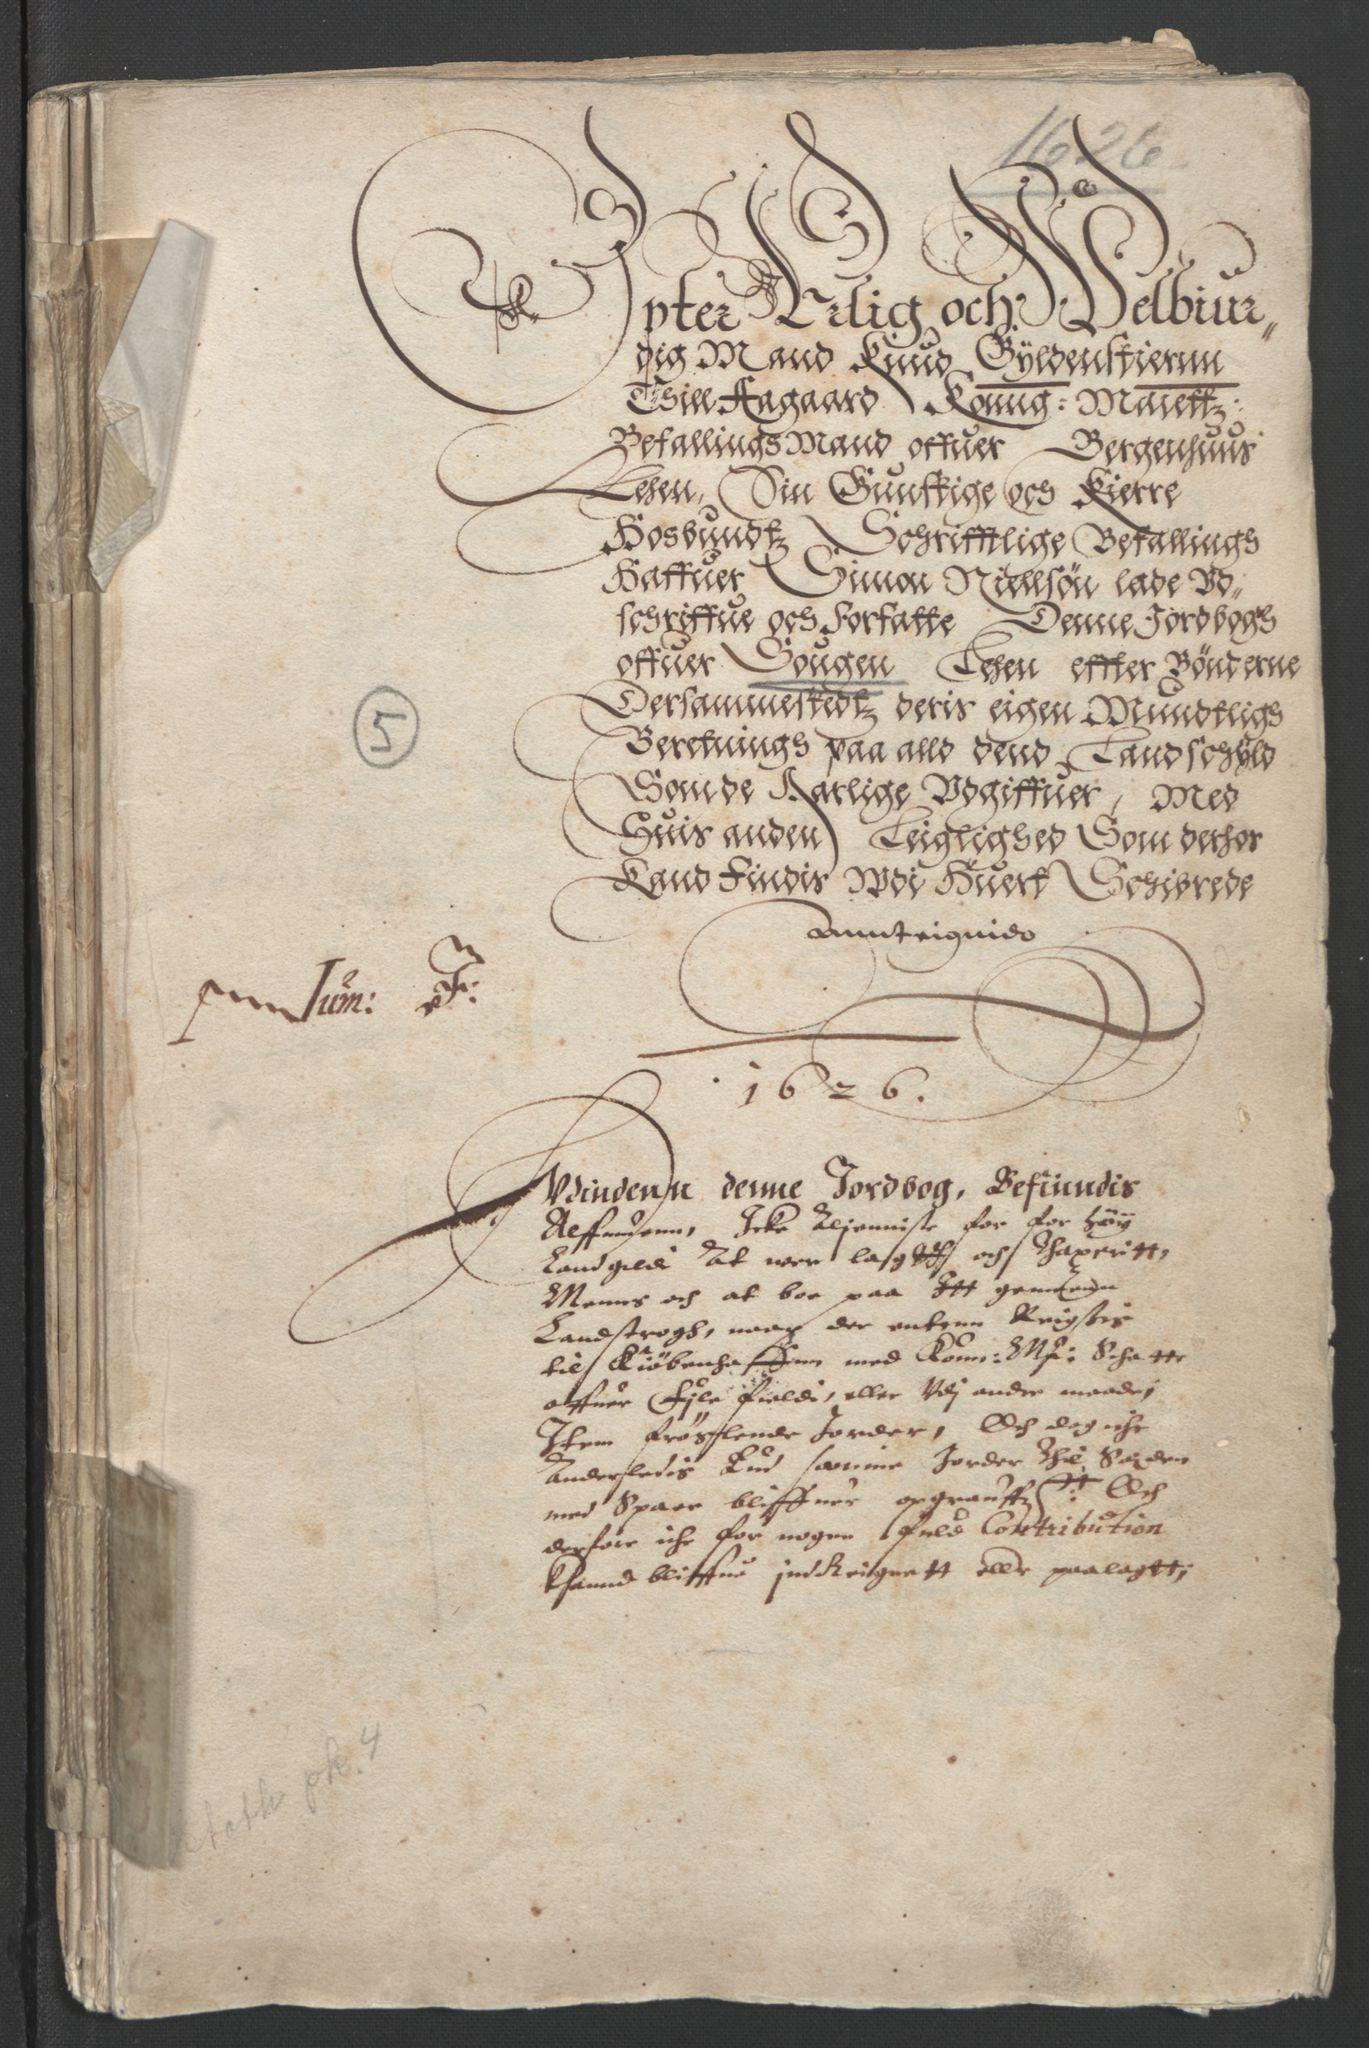 RA, Stattholderembetet 1572-1771, Ek/L0004: Jordebøker til utlikning av garnisonsskatt 1624-1626:, 1626, s. 175